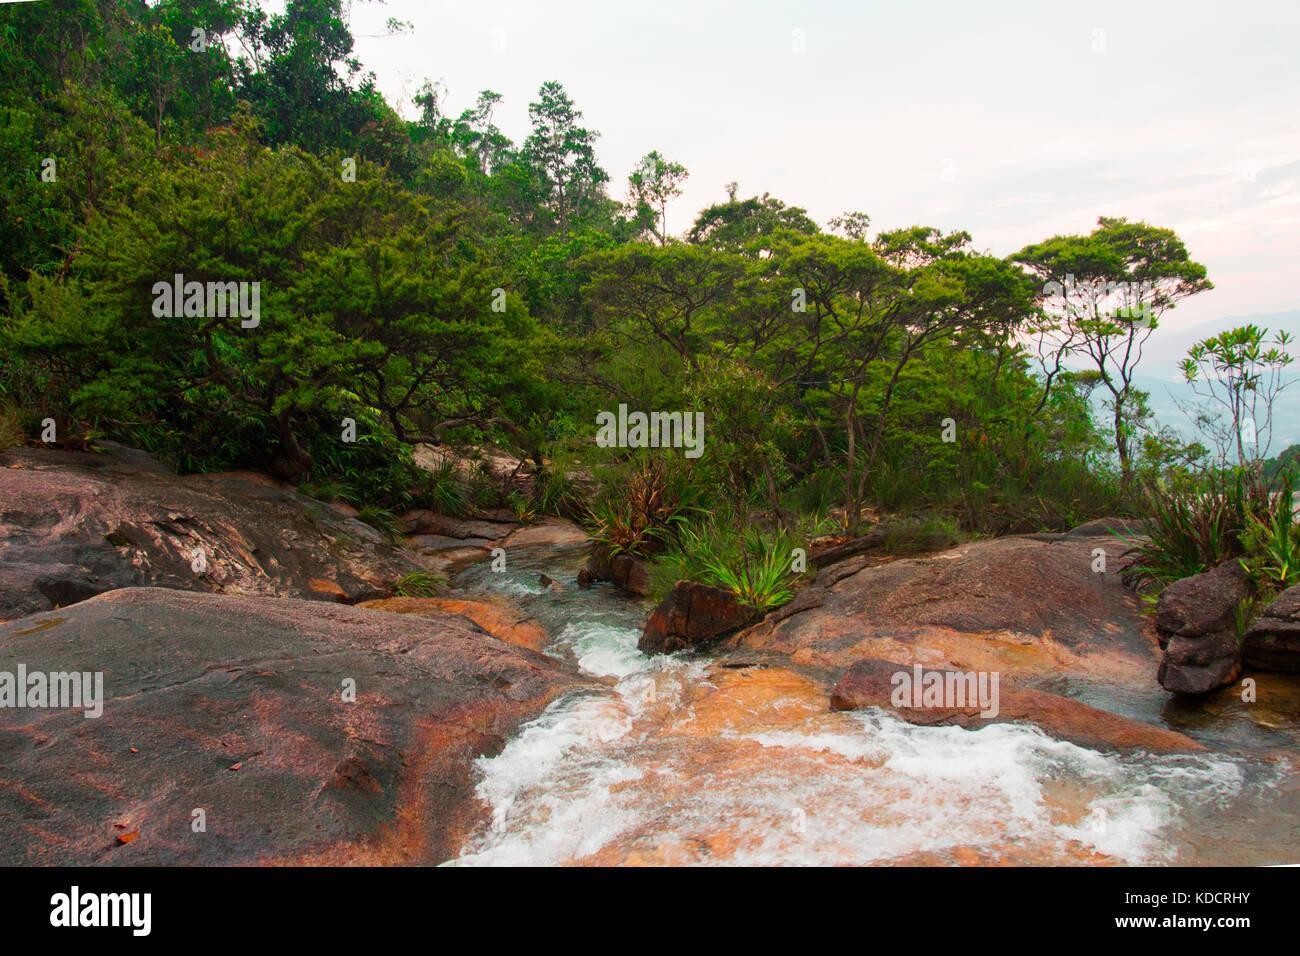 Flowing water around ropical rainforest, Chemerong Berembun Langsir, CBL, malaysia - Stock Image